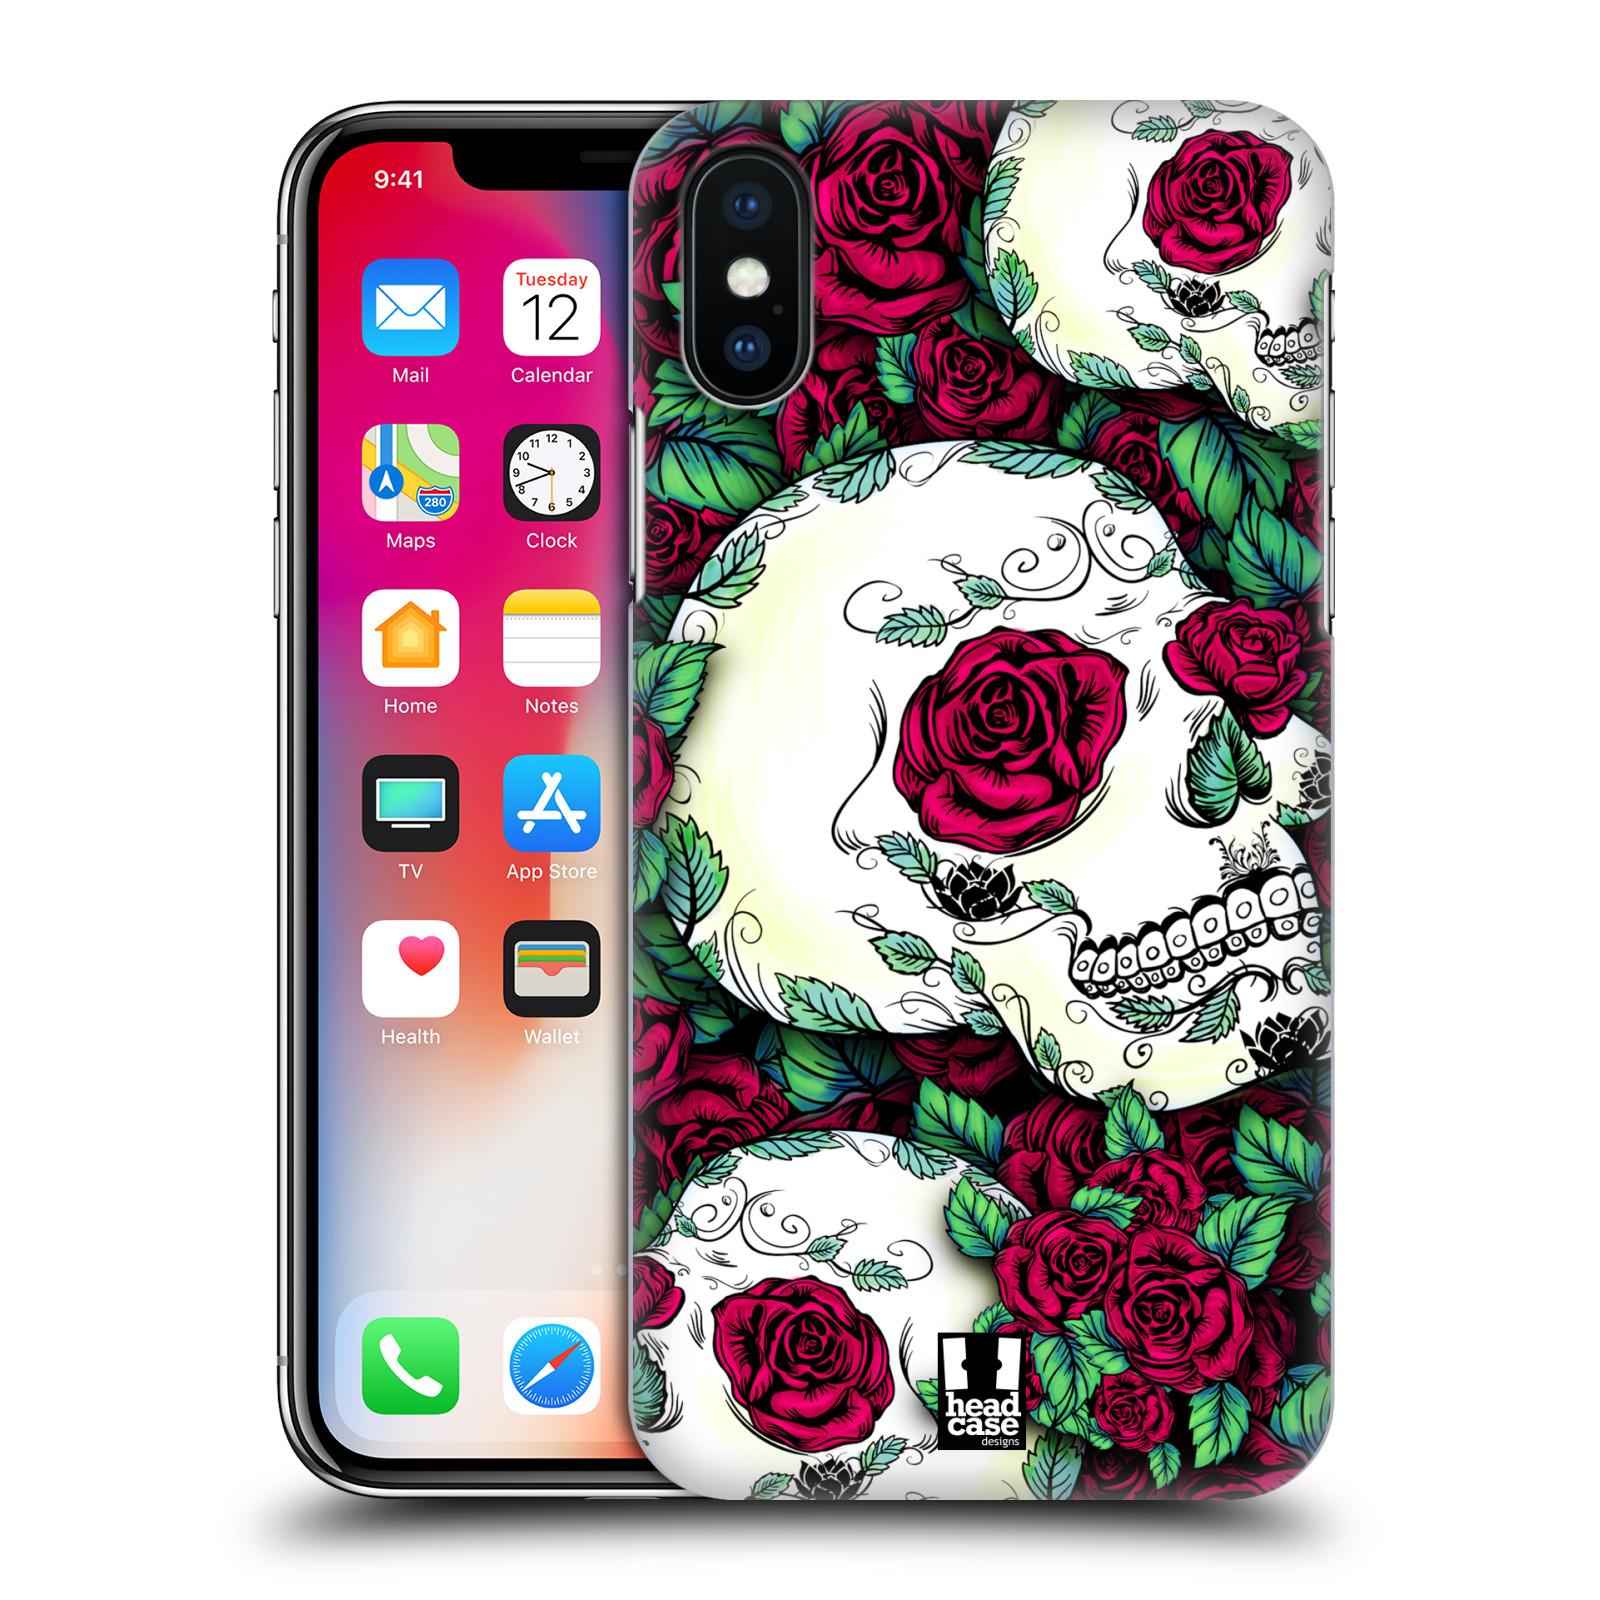 HEAD-CASE-DESIGNS-FLORIDO-DE-LAS-CALAVERAS-CASO-PARA-APPLE-iPHONE-TELEFONOS